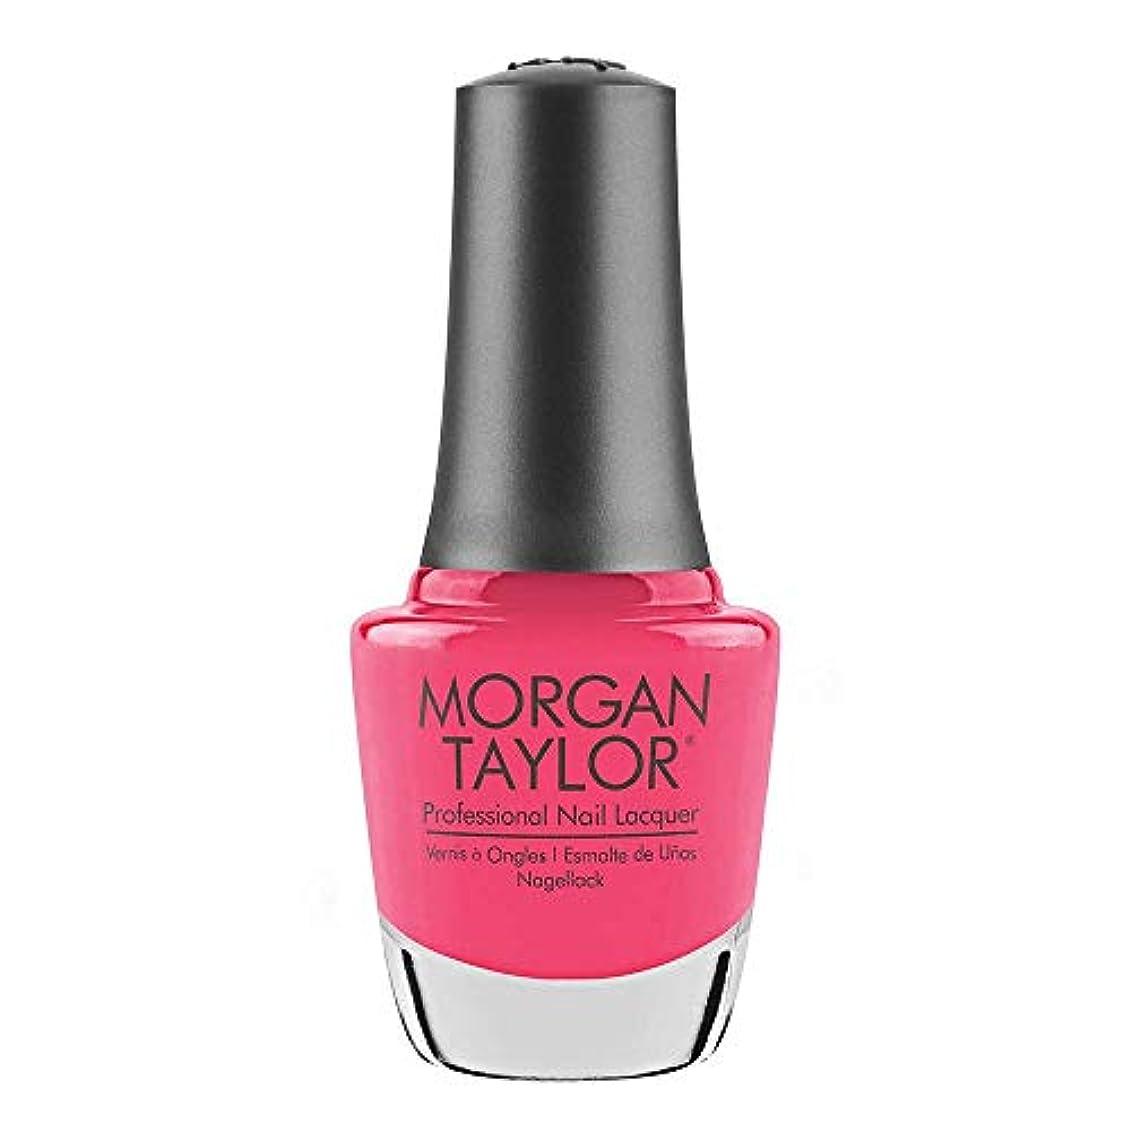 下線隠思いつくMorgan Taylor - Professional Nail Lacquer - Pretty As A Pink-ture - 15 mL / 0.5oz